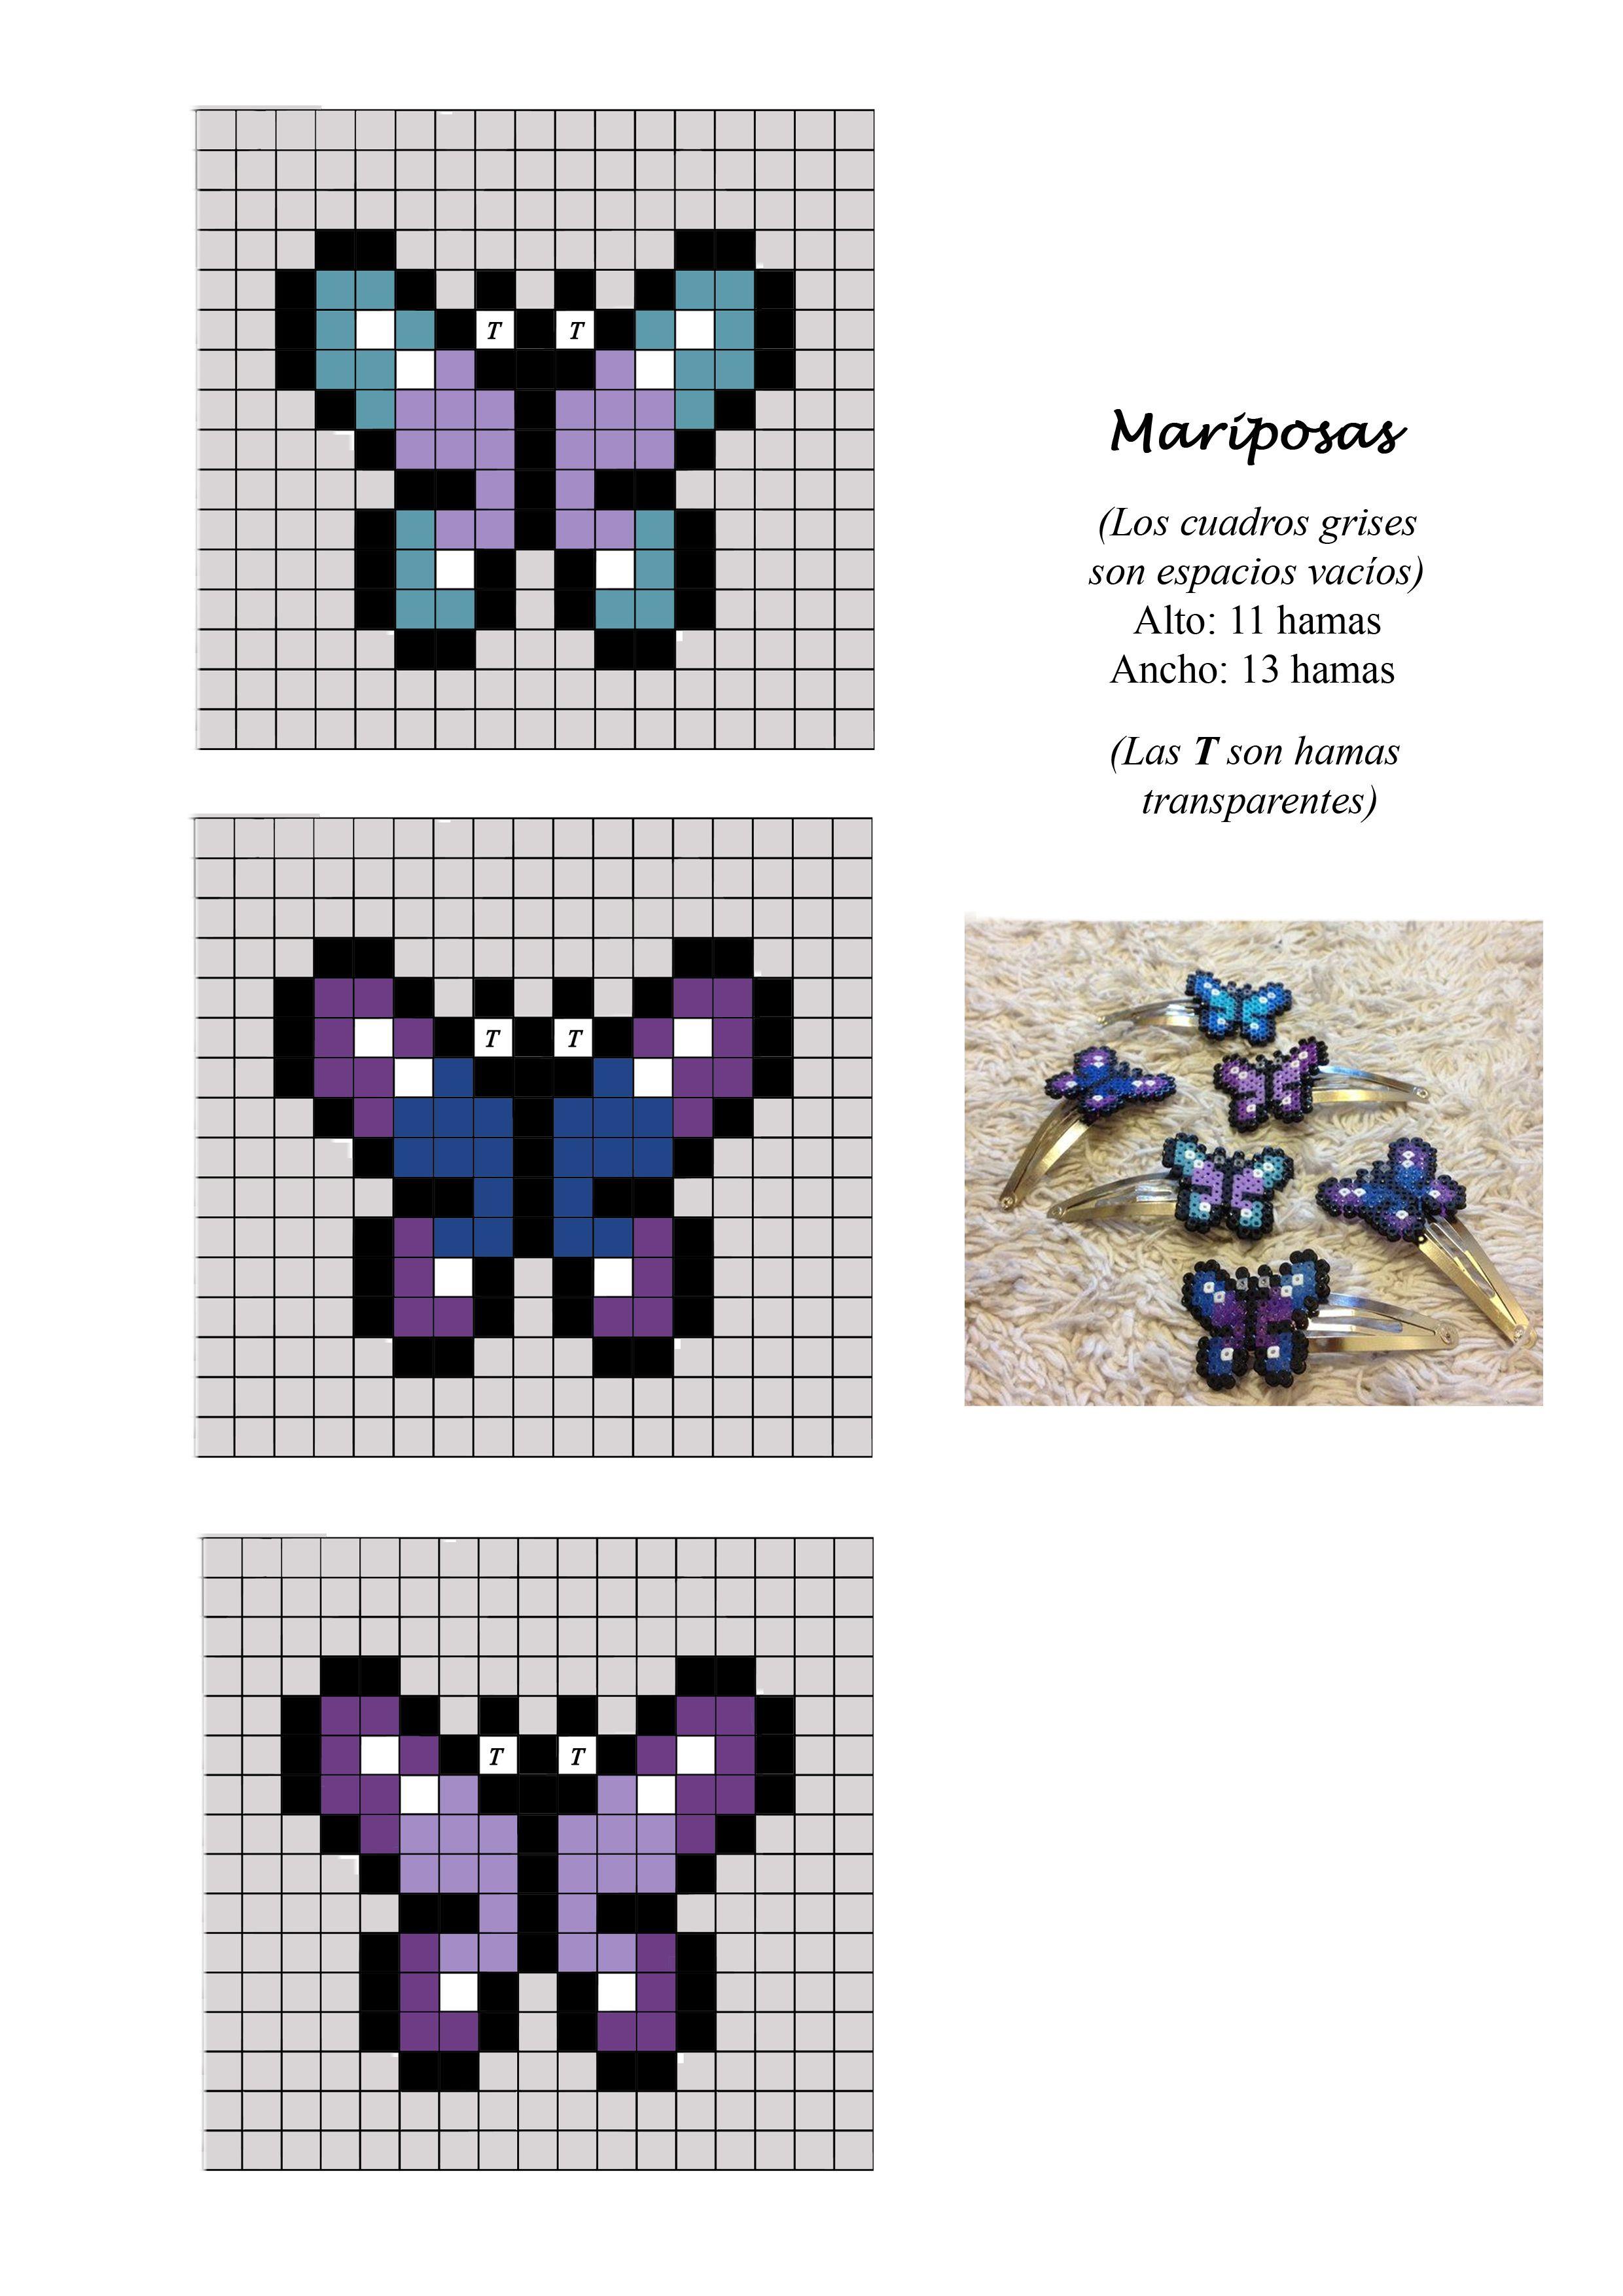 Mariposas Butterflies Hama Perler Beads Pattern Beading Patterns Hama Beads Patterns Perler Bead Art